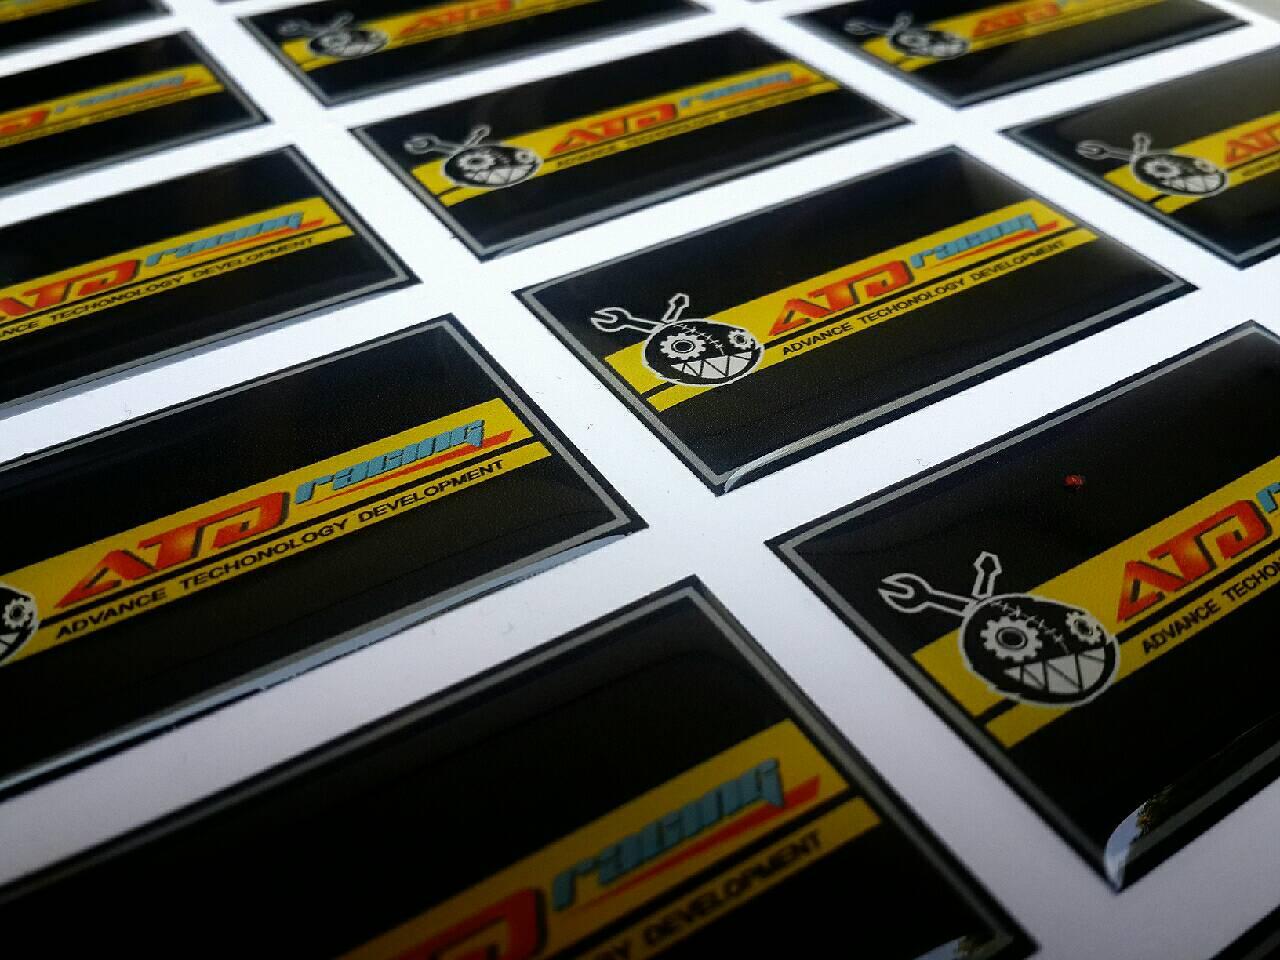 สติ๊กเกอร์เรซิ่น pvc พิมพ์ พื้นดำเหลือง